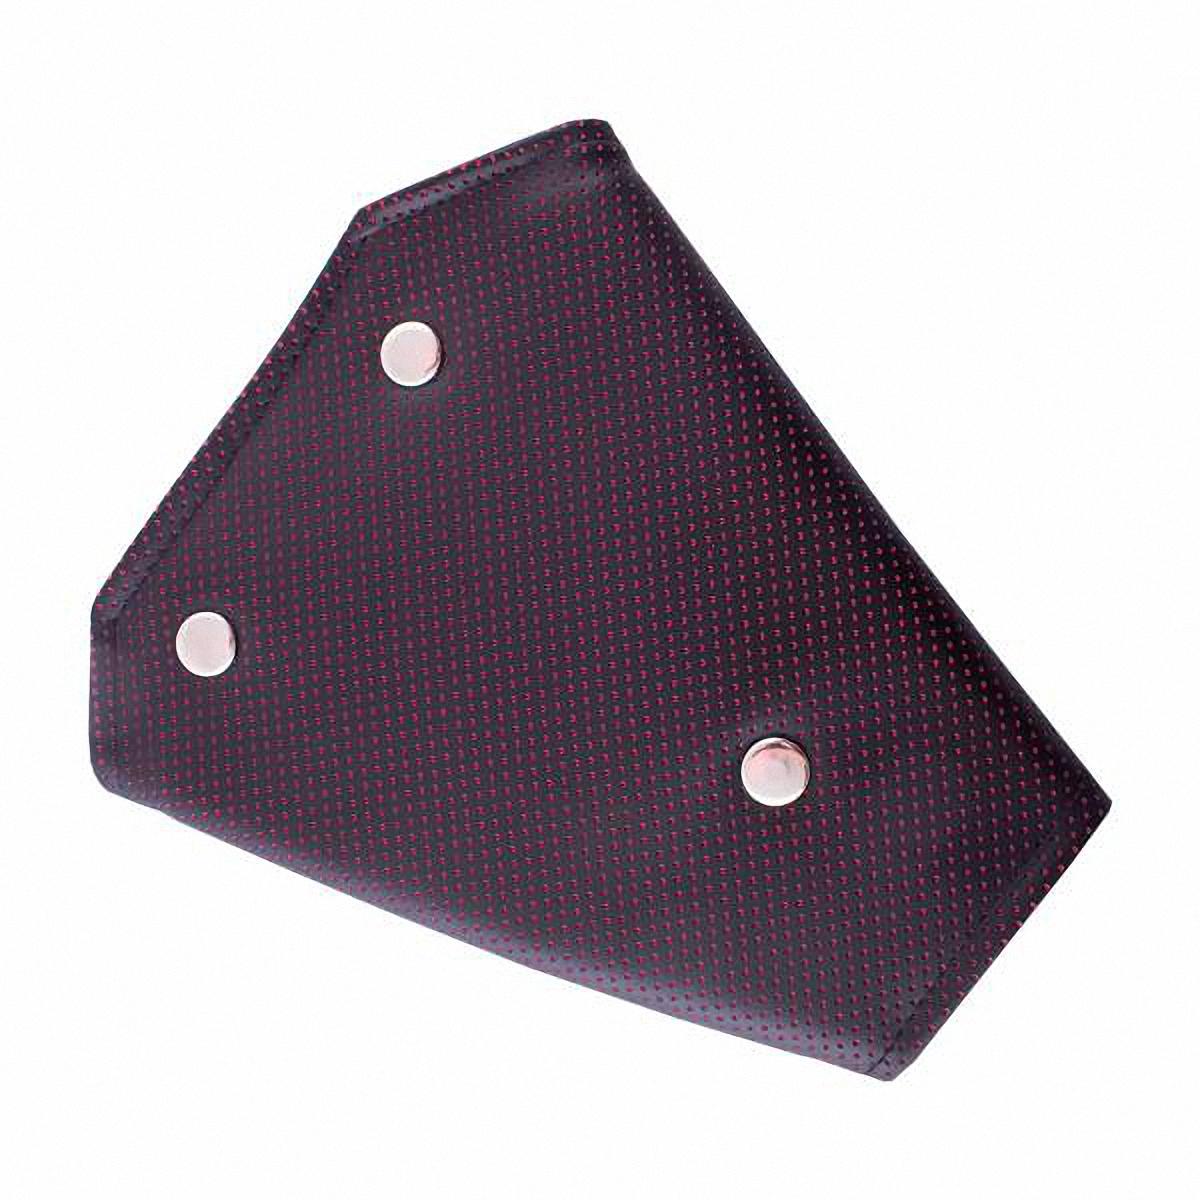 Адаптер ремня безопасности Skyway, цвет: черный. S04002008VT-1520(SR)Детский адаптер ремня безопасности, выполненный из искусственной кожи, удерживает ремень безопасности в положении, удобном для человека небольшого роста. Удерживающее устройство можно установить на любой трёхточечный ремень безопасности. При перевозке ребёнка до 12 лет адаптер ремня безопасности разрешено устанавливать только на ремни заднего сиденья.Тип крепления: кнопки.